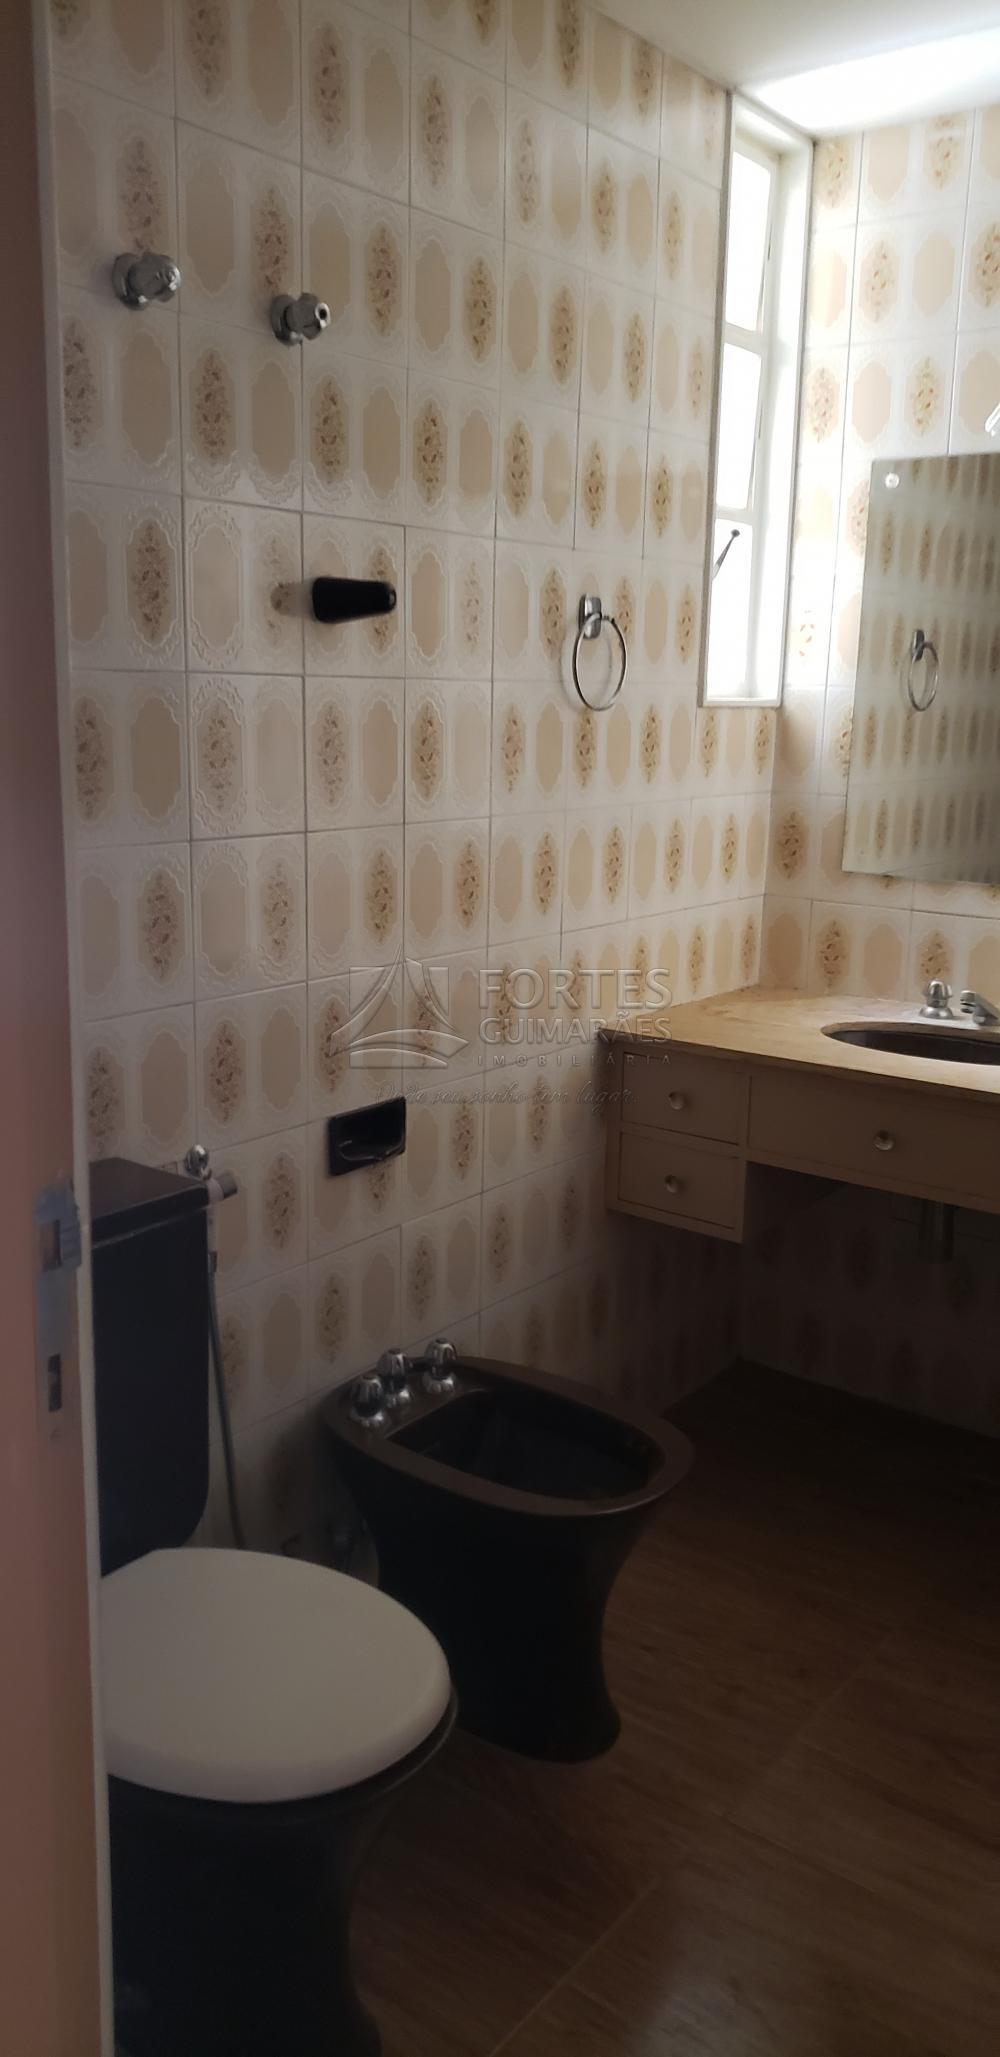 Alugar Apartamentos / Padrão em Ribeirão Preto apenas R$ 1.100,00 - Foto 24